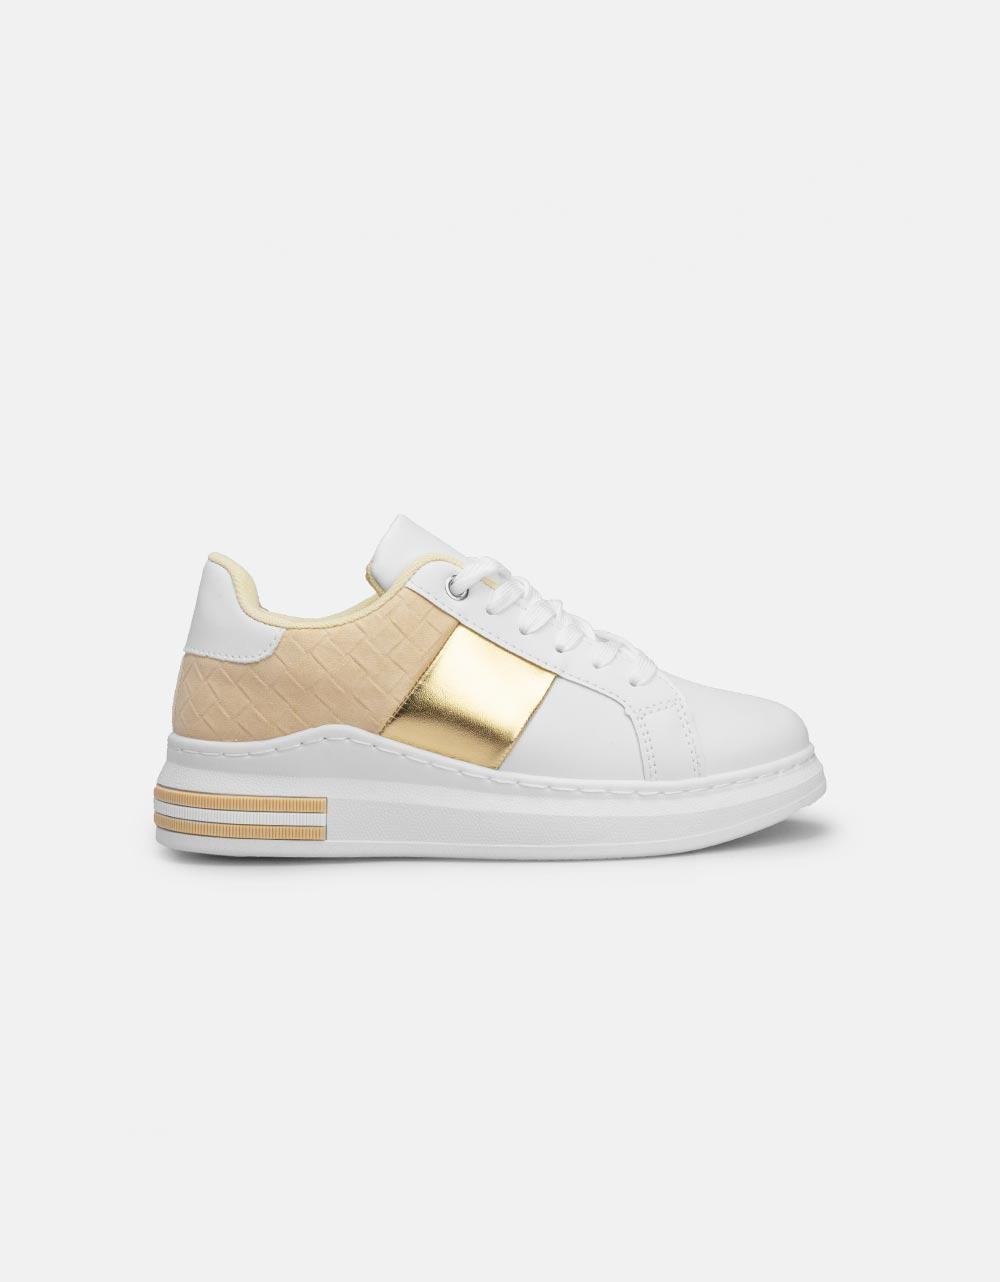 Εικόνα από Γυναικεία sneakers με μεταλλιζέ λεπτομέρεια Μπεζ